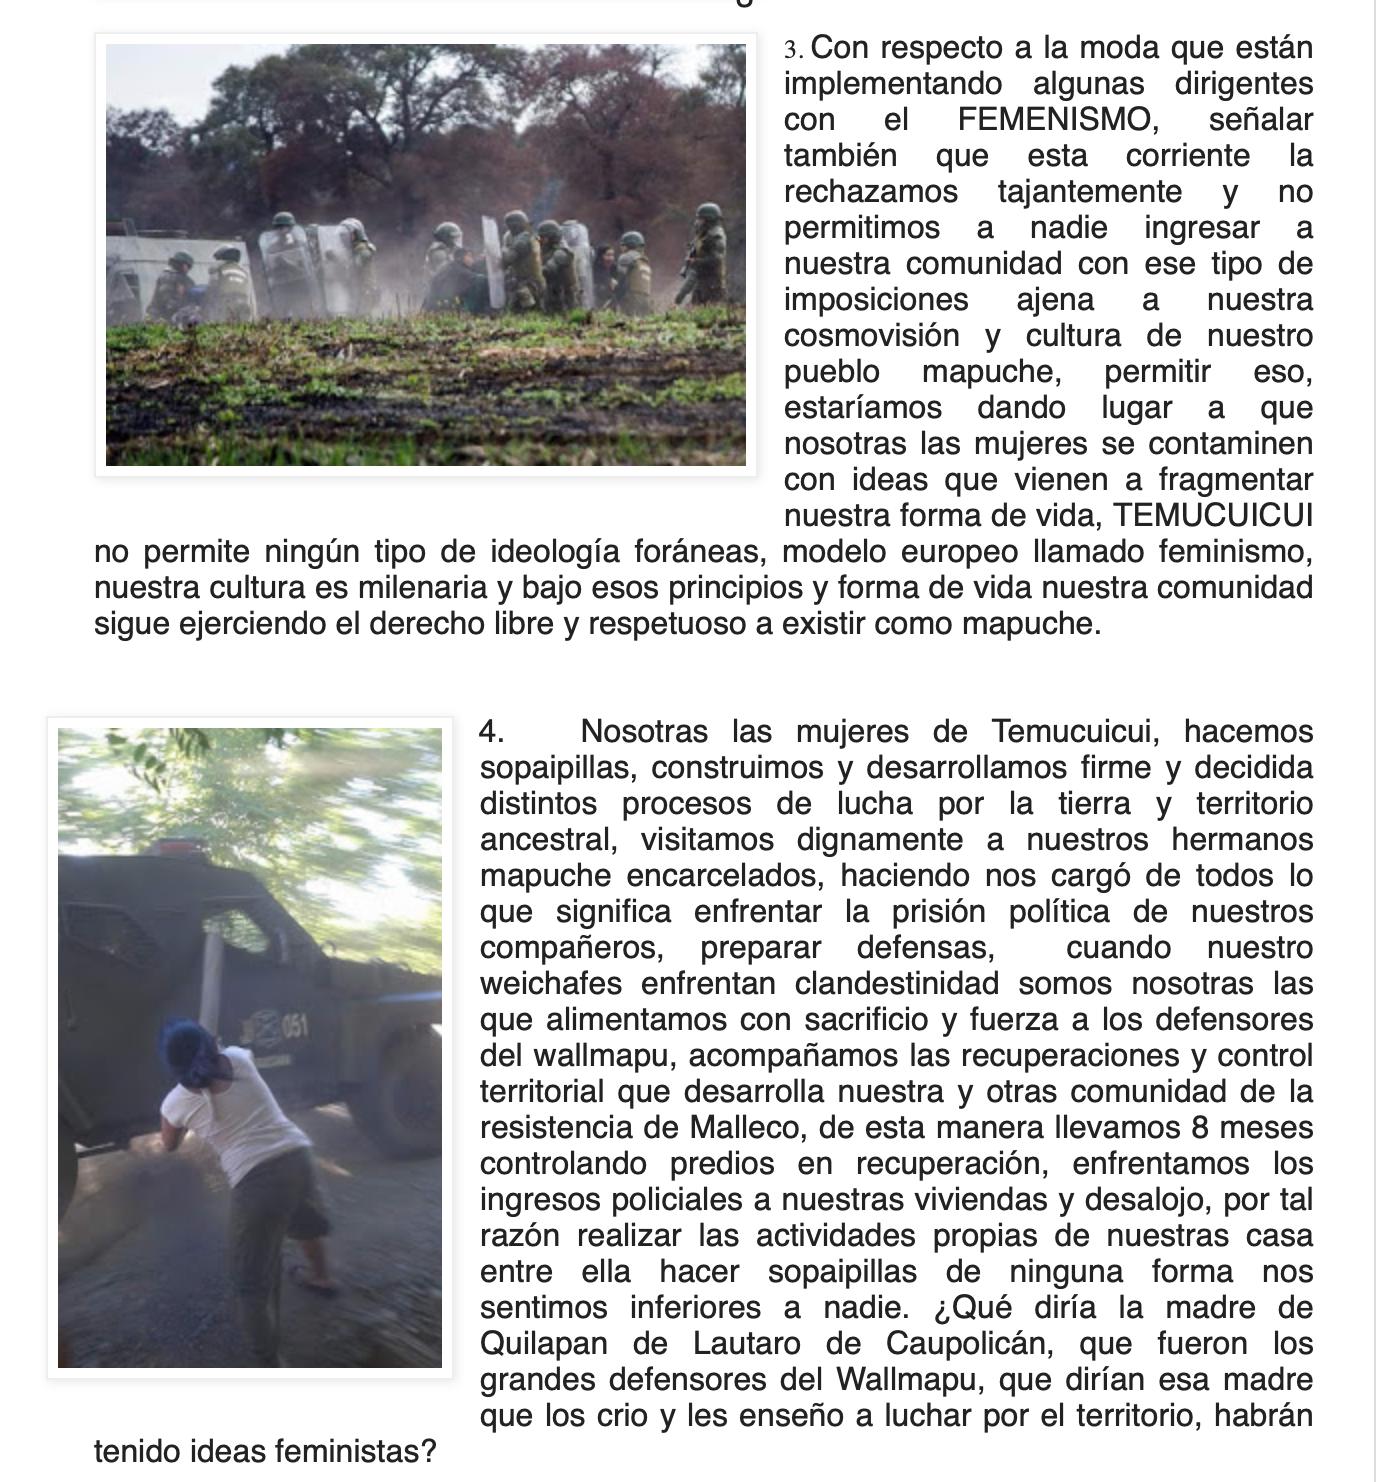 Captura de Pantalla 2019-09-20 a la(s) 20.51.50.png